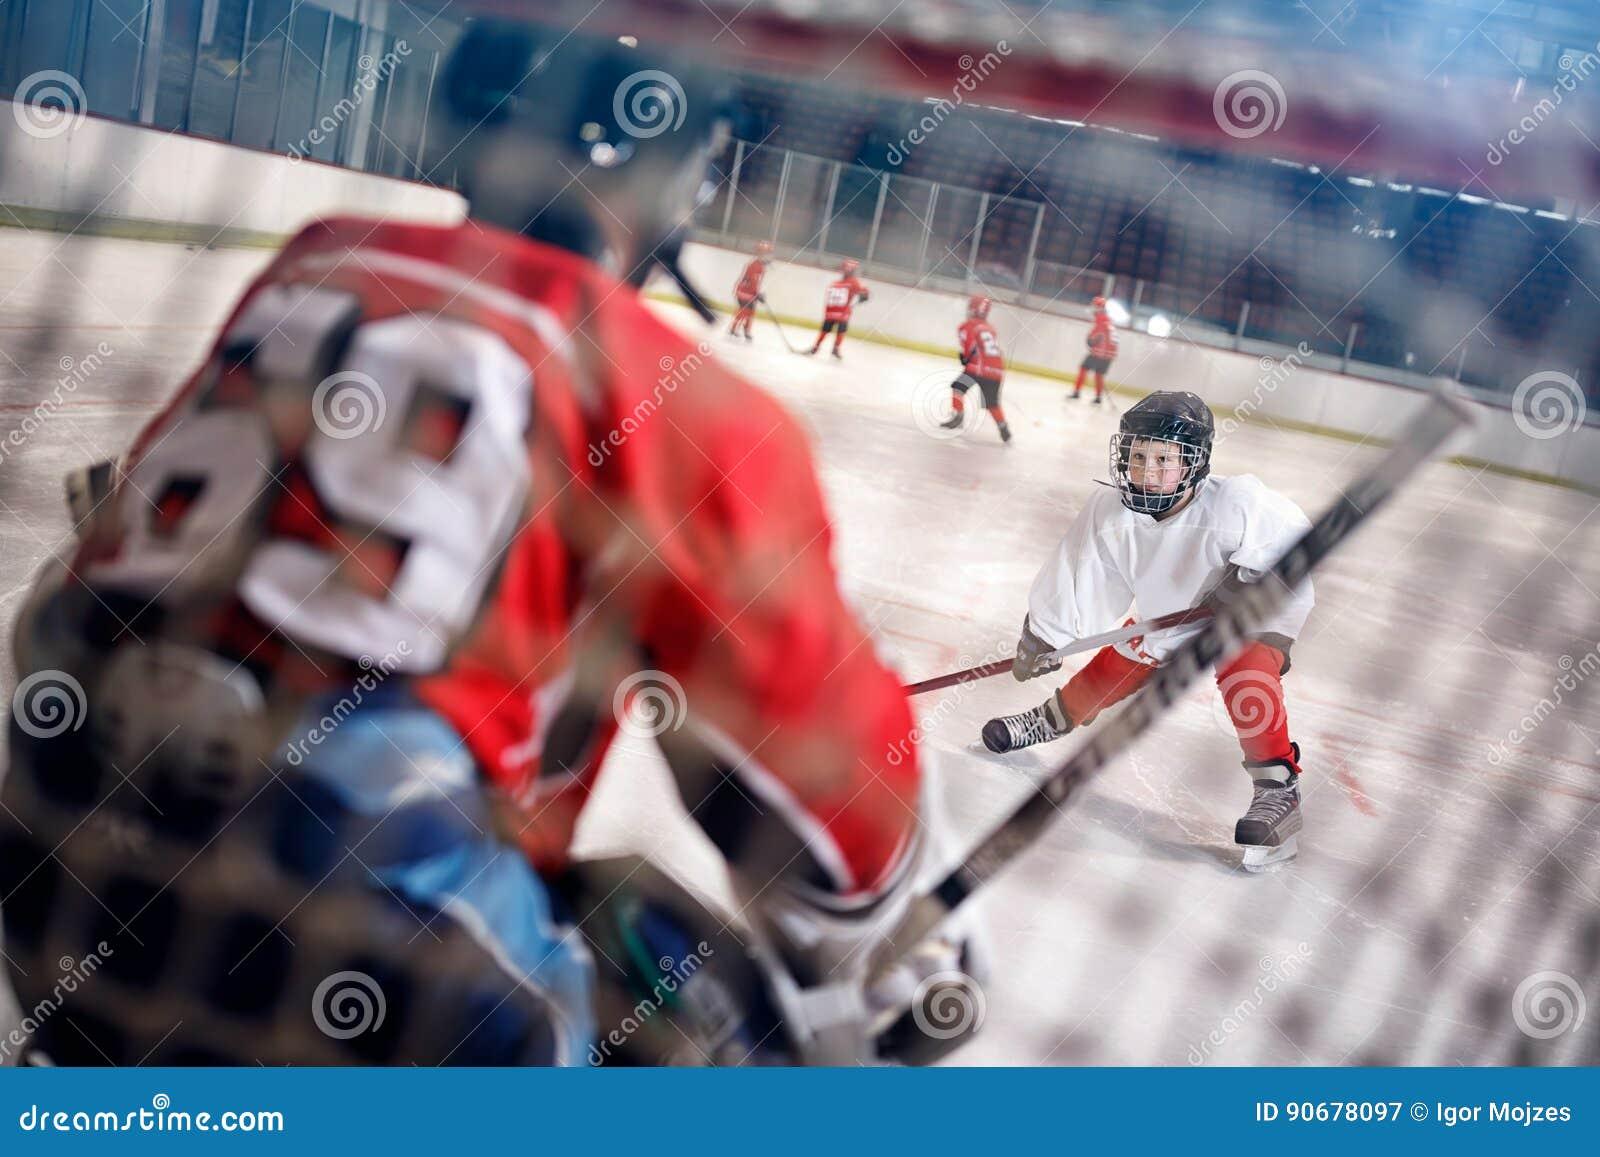 Спичка хоккея на игроке катка атакует голкипера